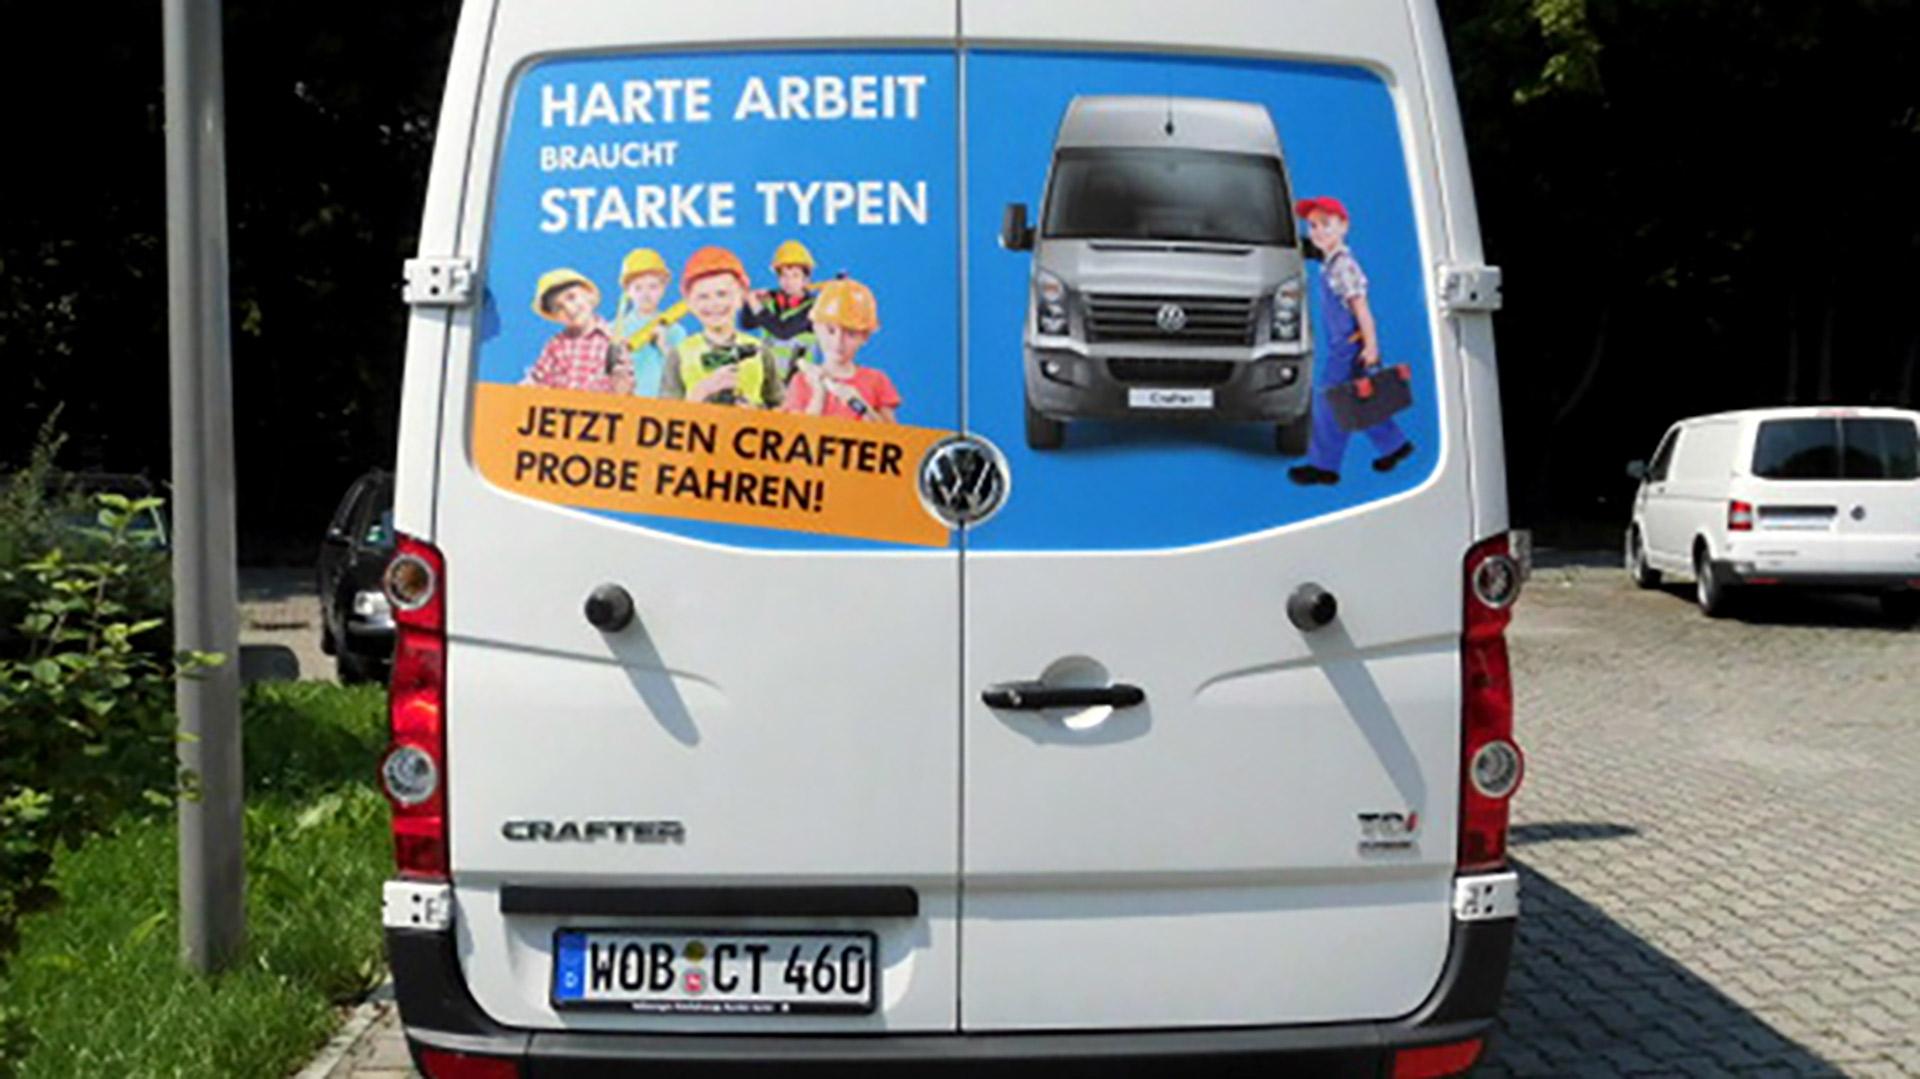 Auto-WOB-Folie-Matti-Michalke-Berlin-Brandenburg-Aussenwerbung-Innenwerbung-Banner-Planen-Folien-Werbemittel-Druck-Print